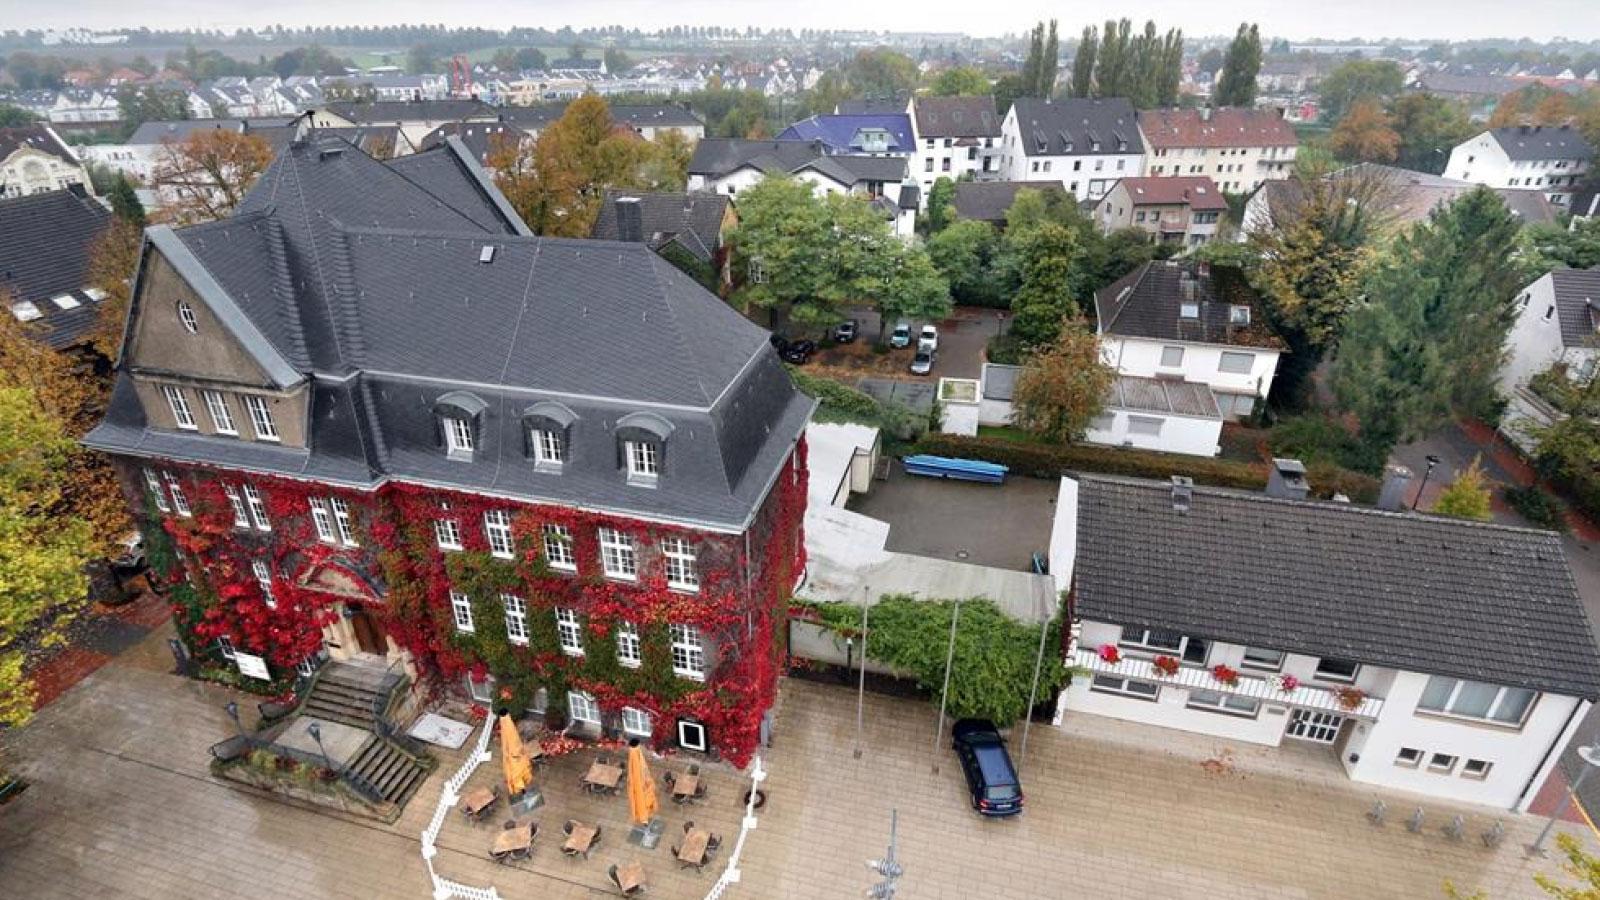 Abschluss des Architektenwettbewerbs zum Rathausumbau